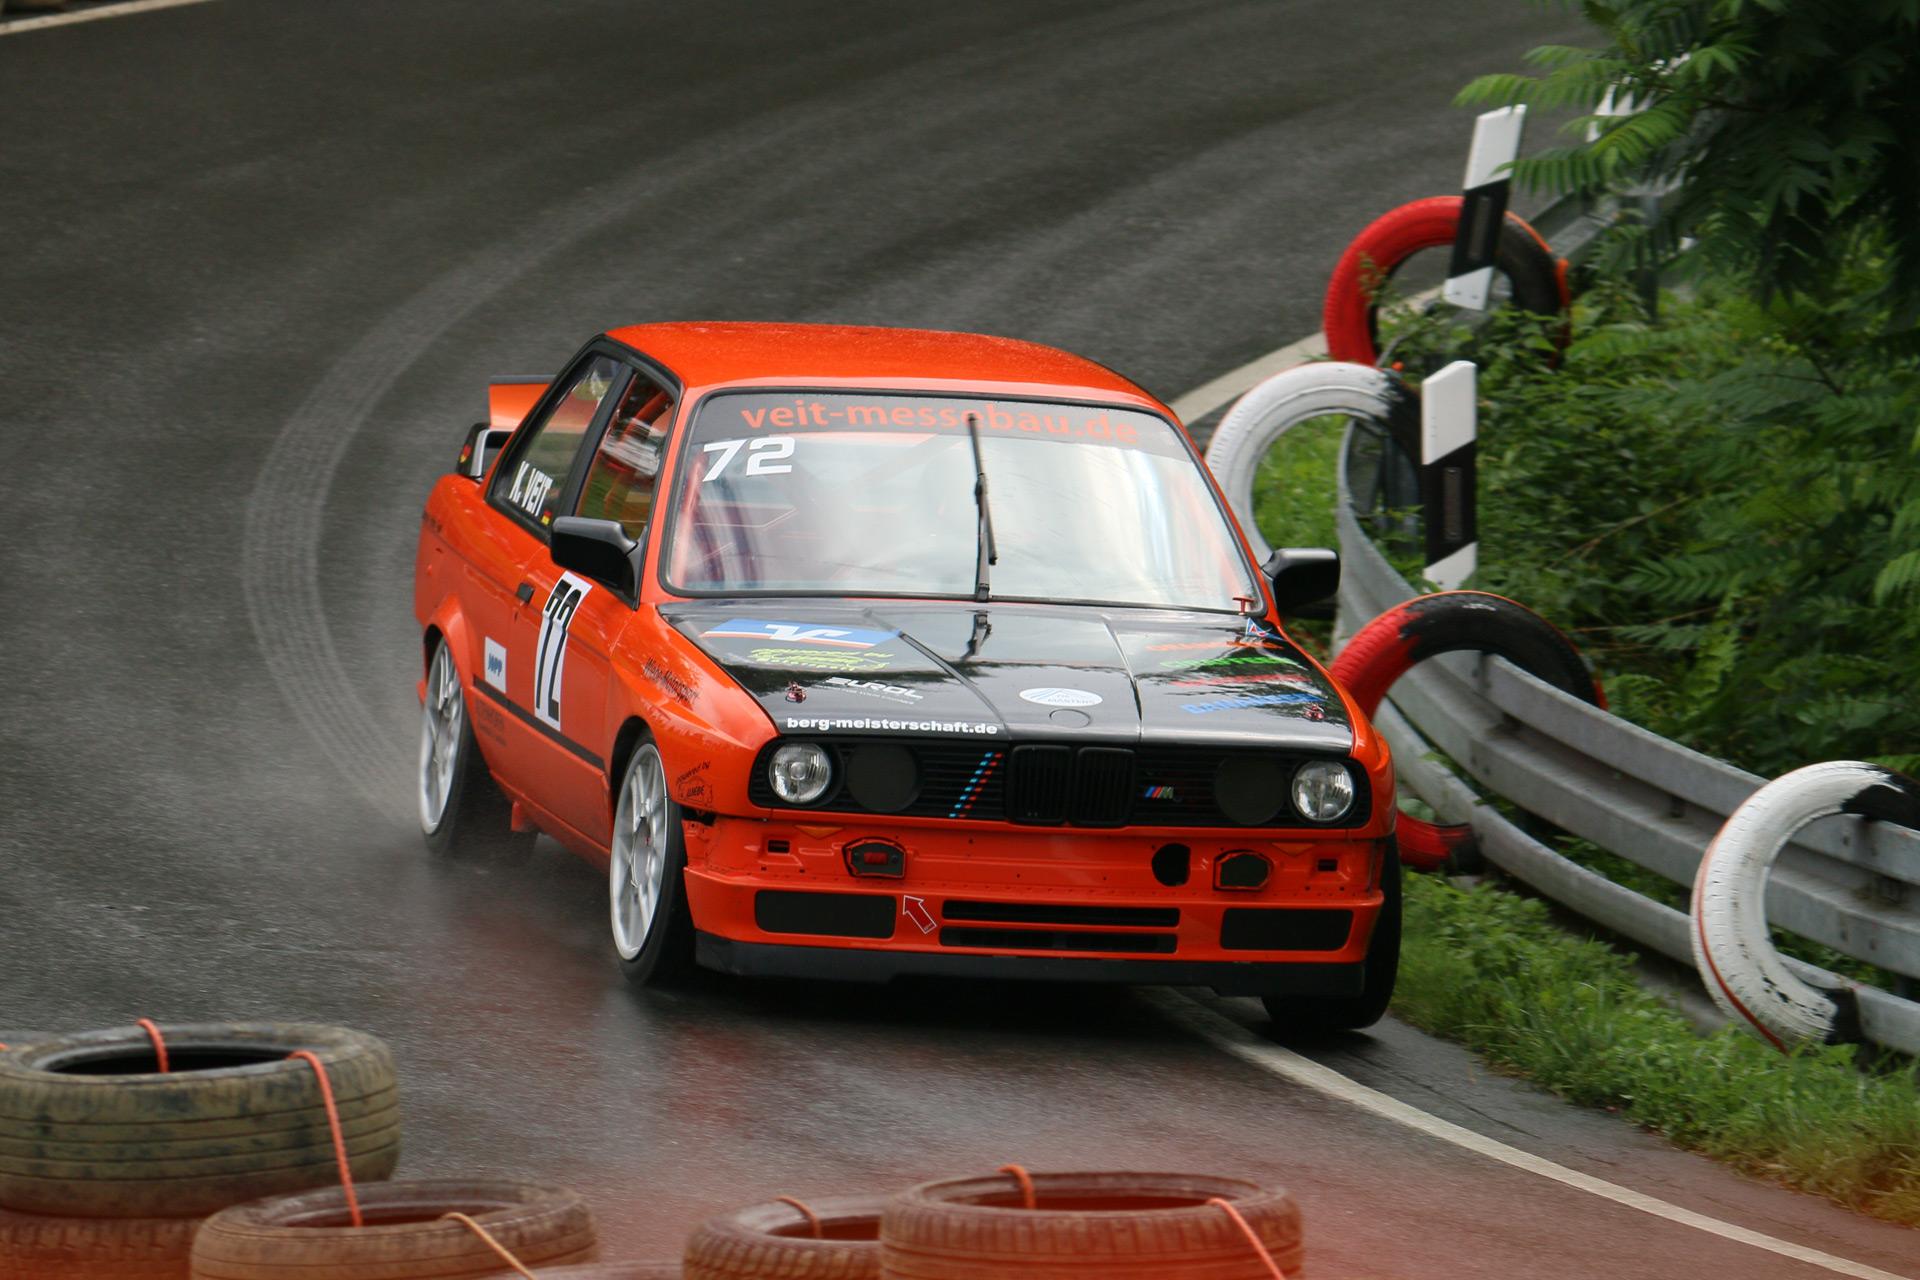 Mit dem Werkscode BMW E30 werden die Fahrzeuge der zweiten 3er-Reihe von BMW bezeichnet.